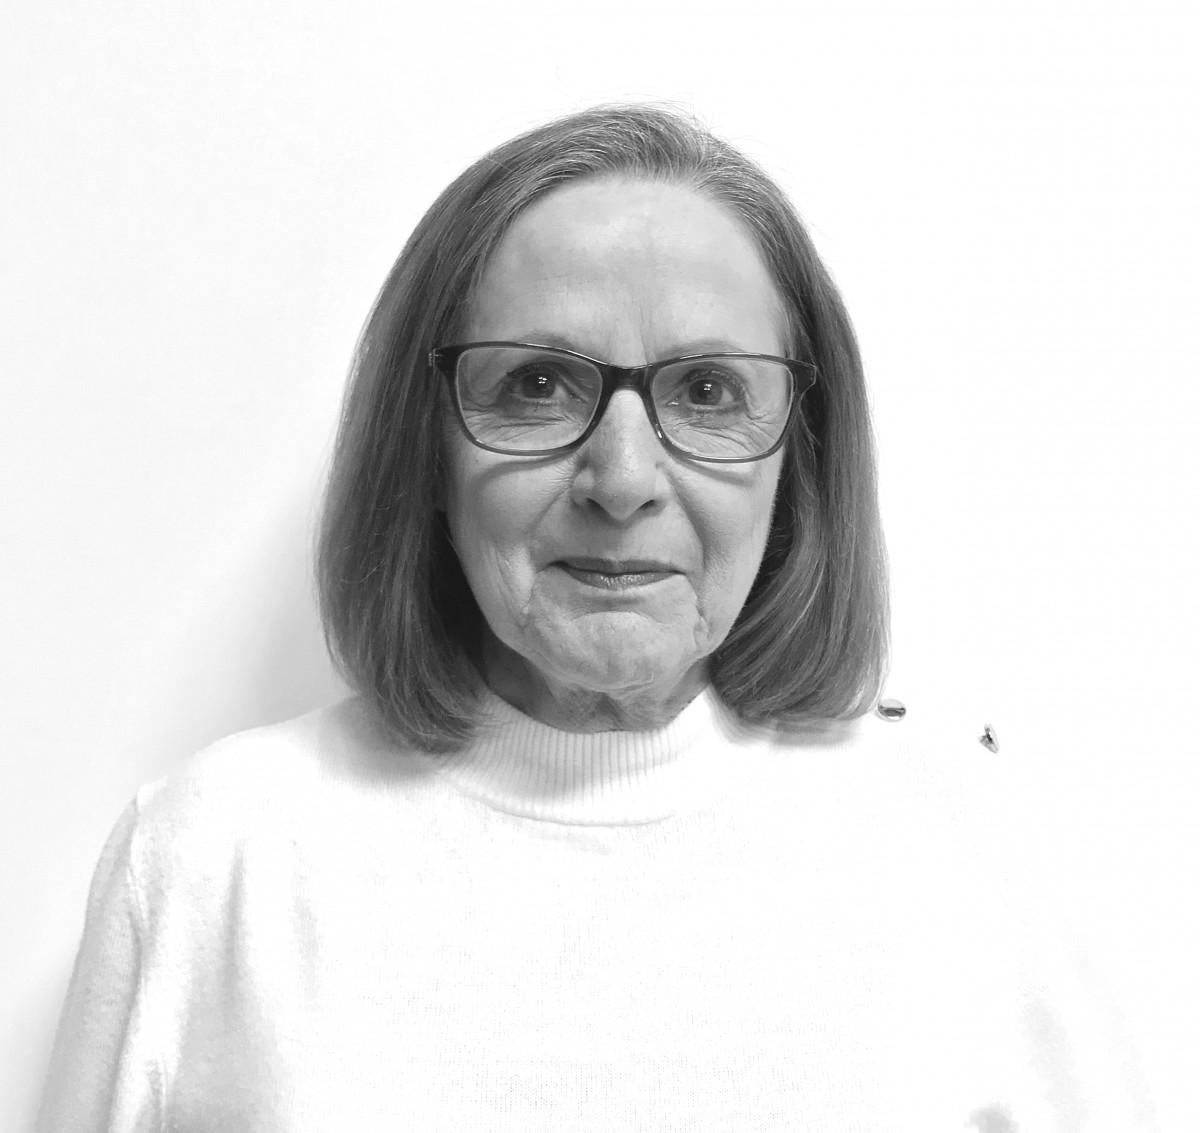 Brenda Dunsire